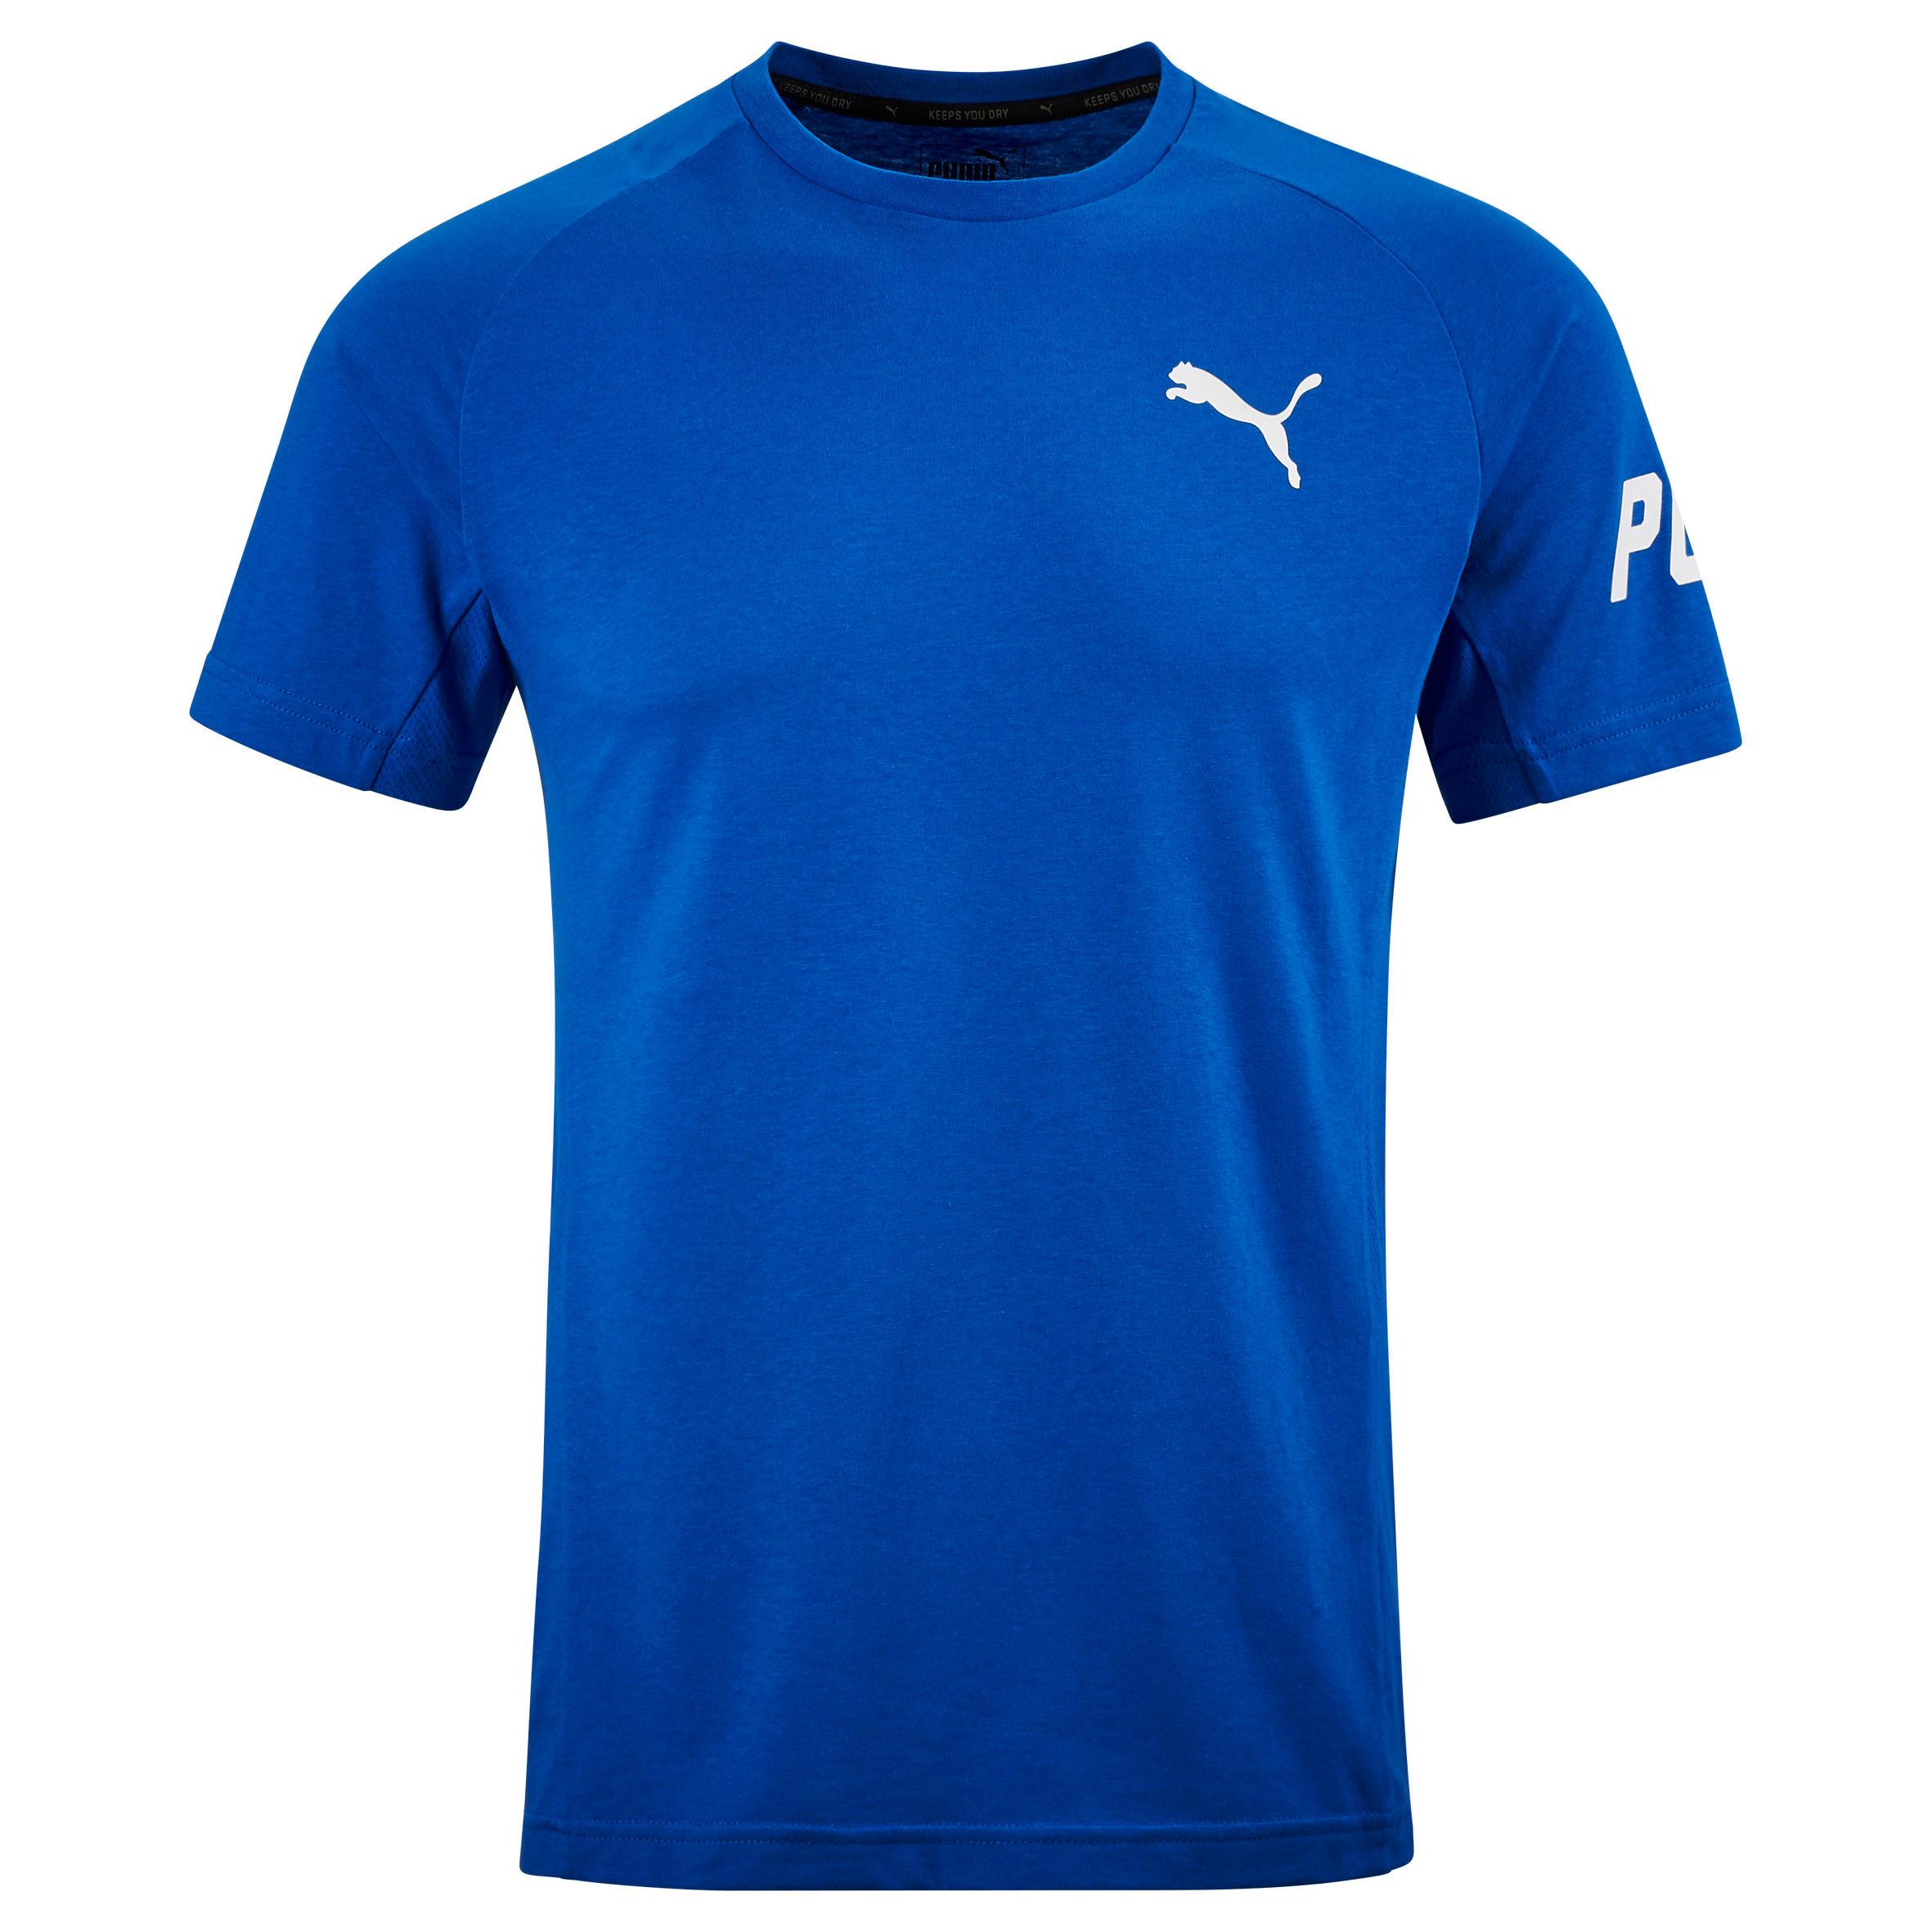 Puma Heren T-shirt Puma voor gym en pilates Active blauw